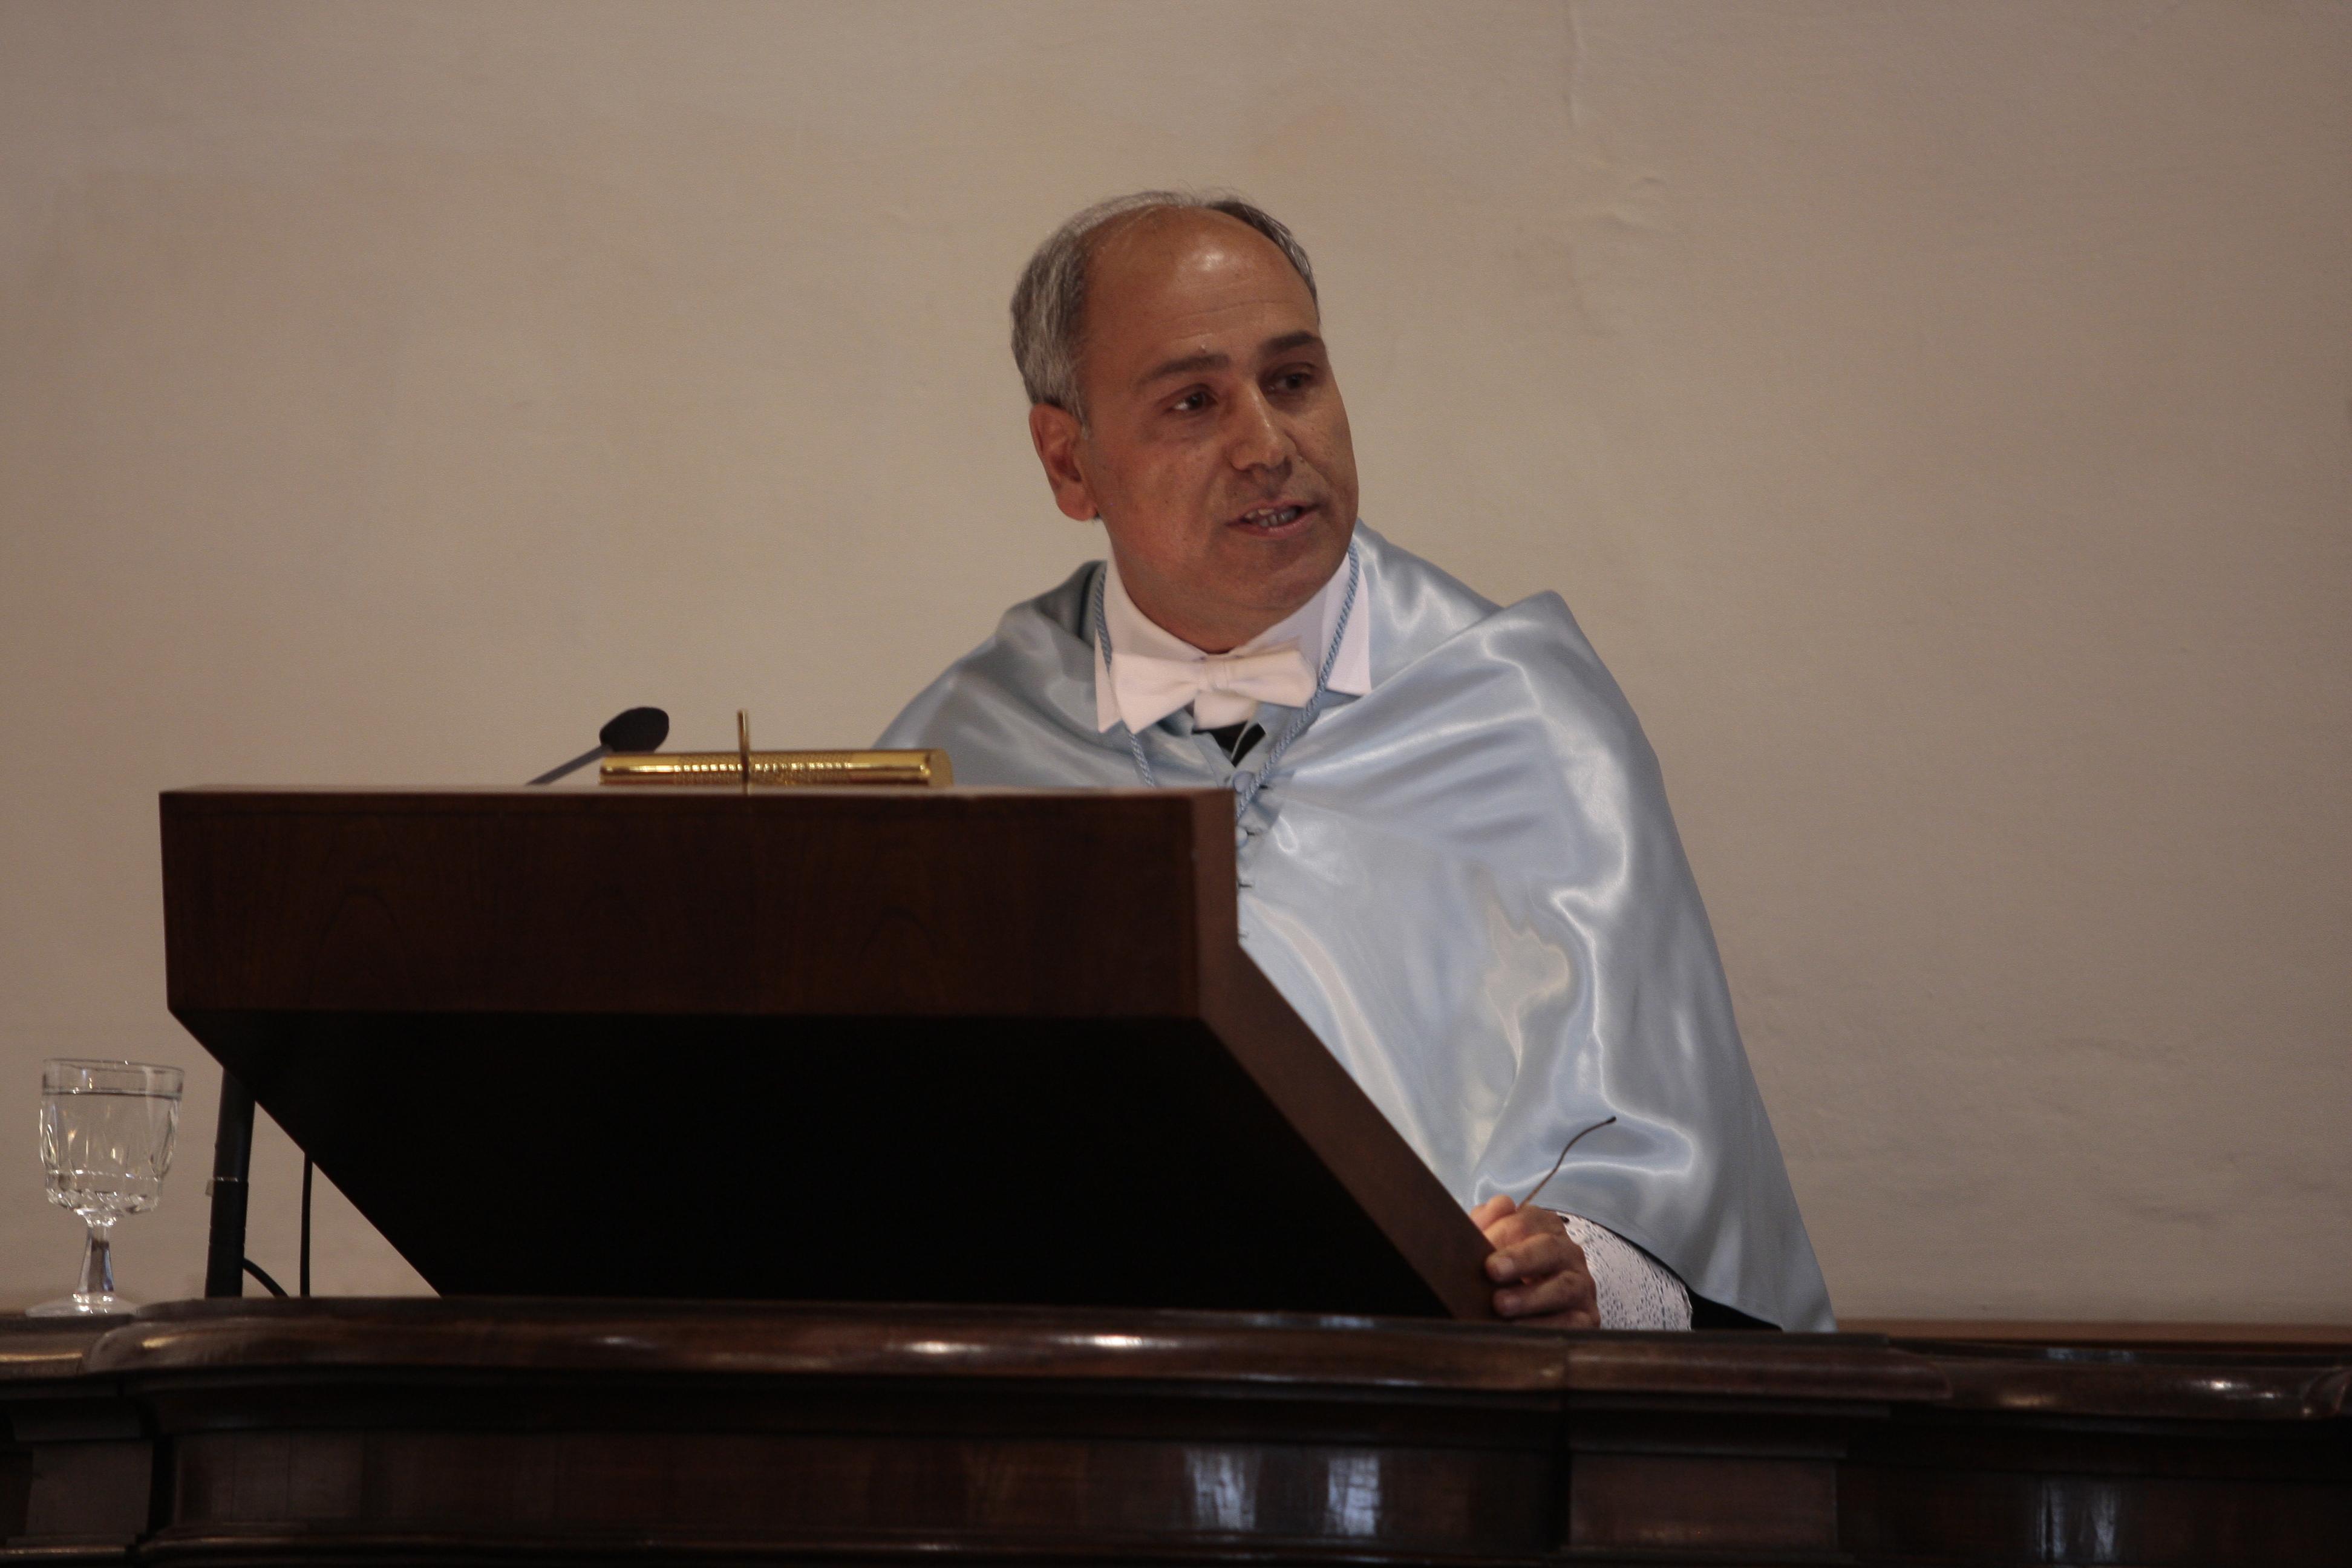 El catedrático de la Universidad de Salamanca Julio Borrego Nieto, Premio Castilla y León de las Ciencias Sociales y Humanidades